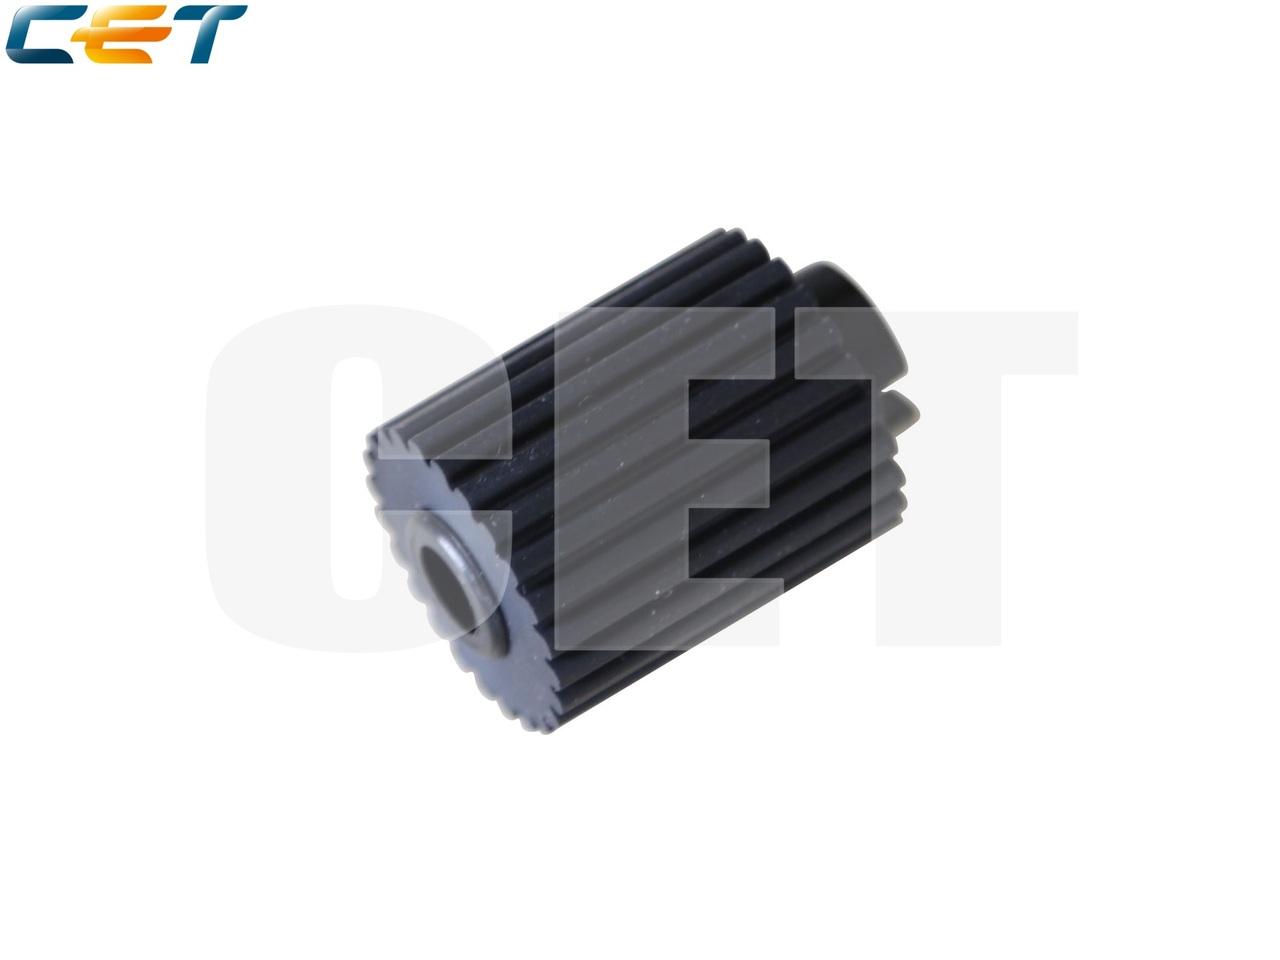 Ролик подхвата A5C1562200 для KONICA MINOLTA Bizhub227/287/367/C226/C227 (CET), CET7149